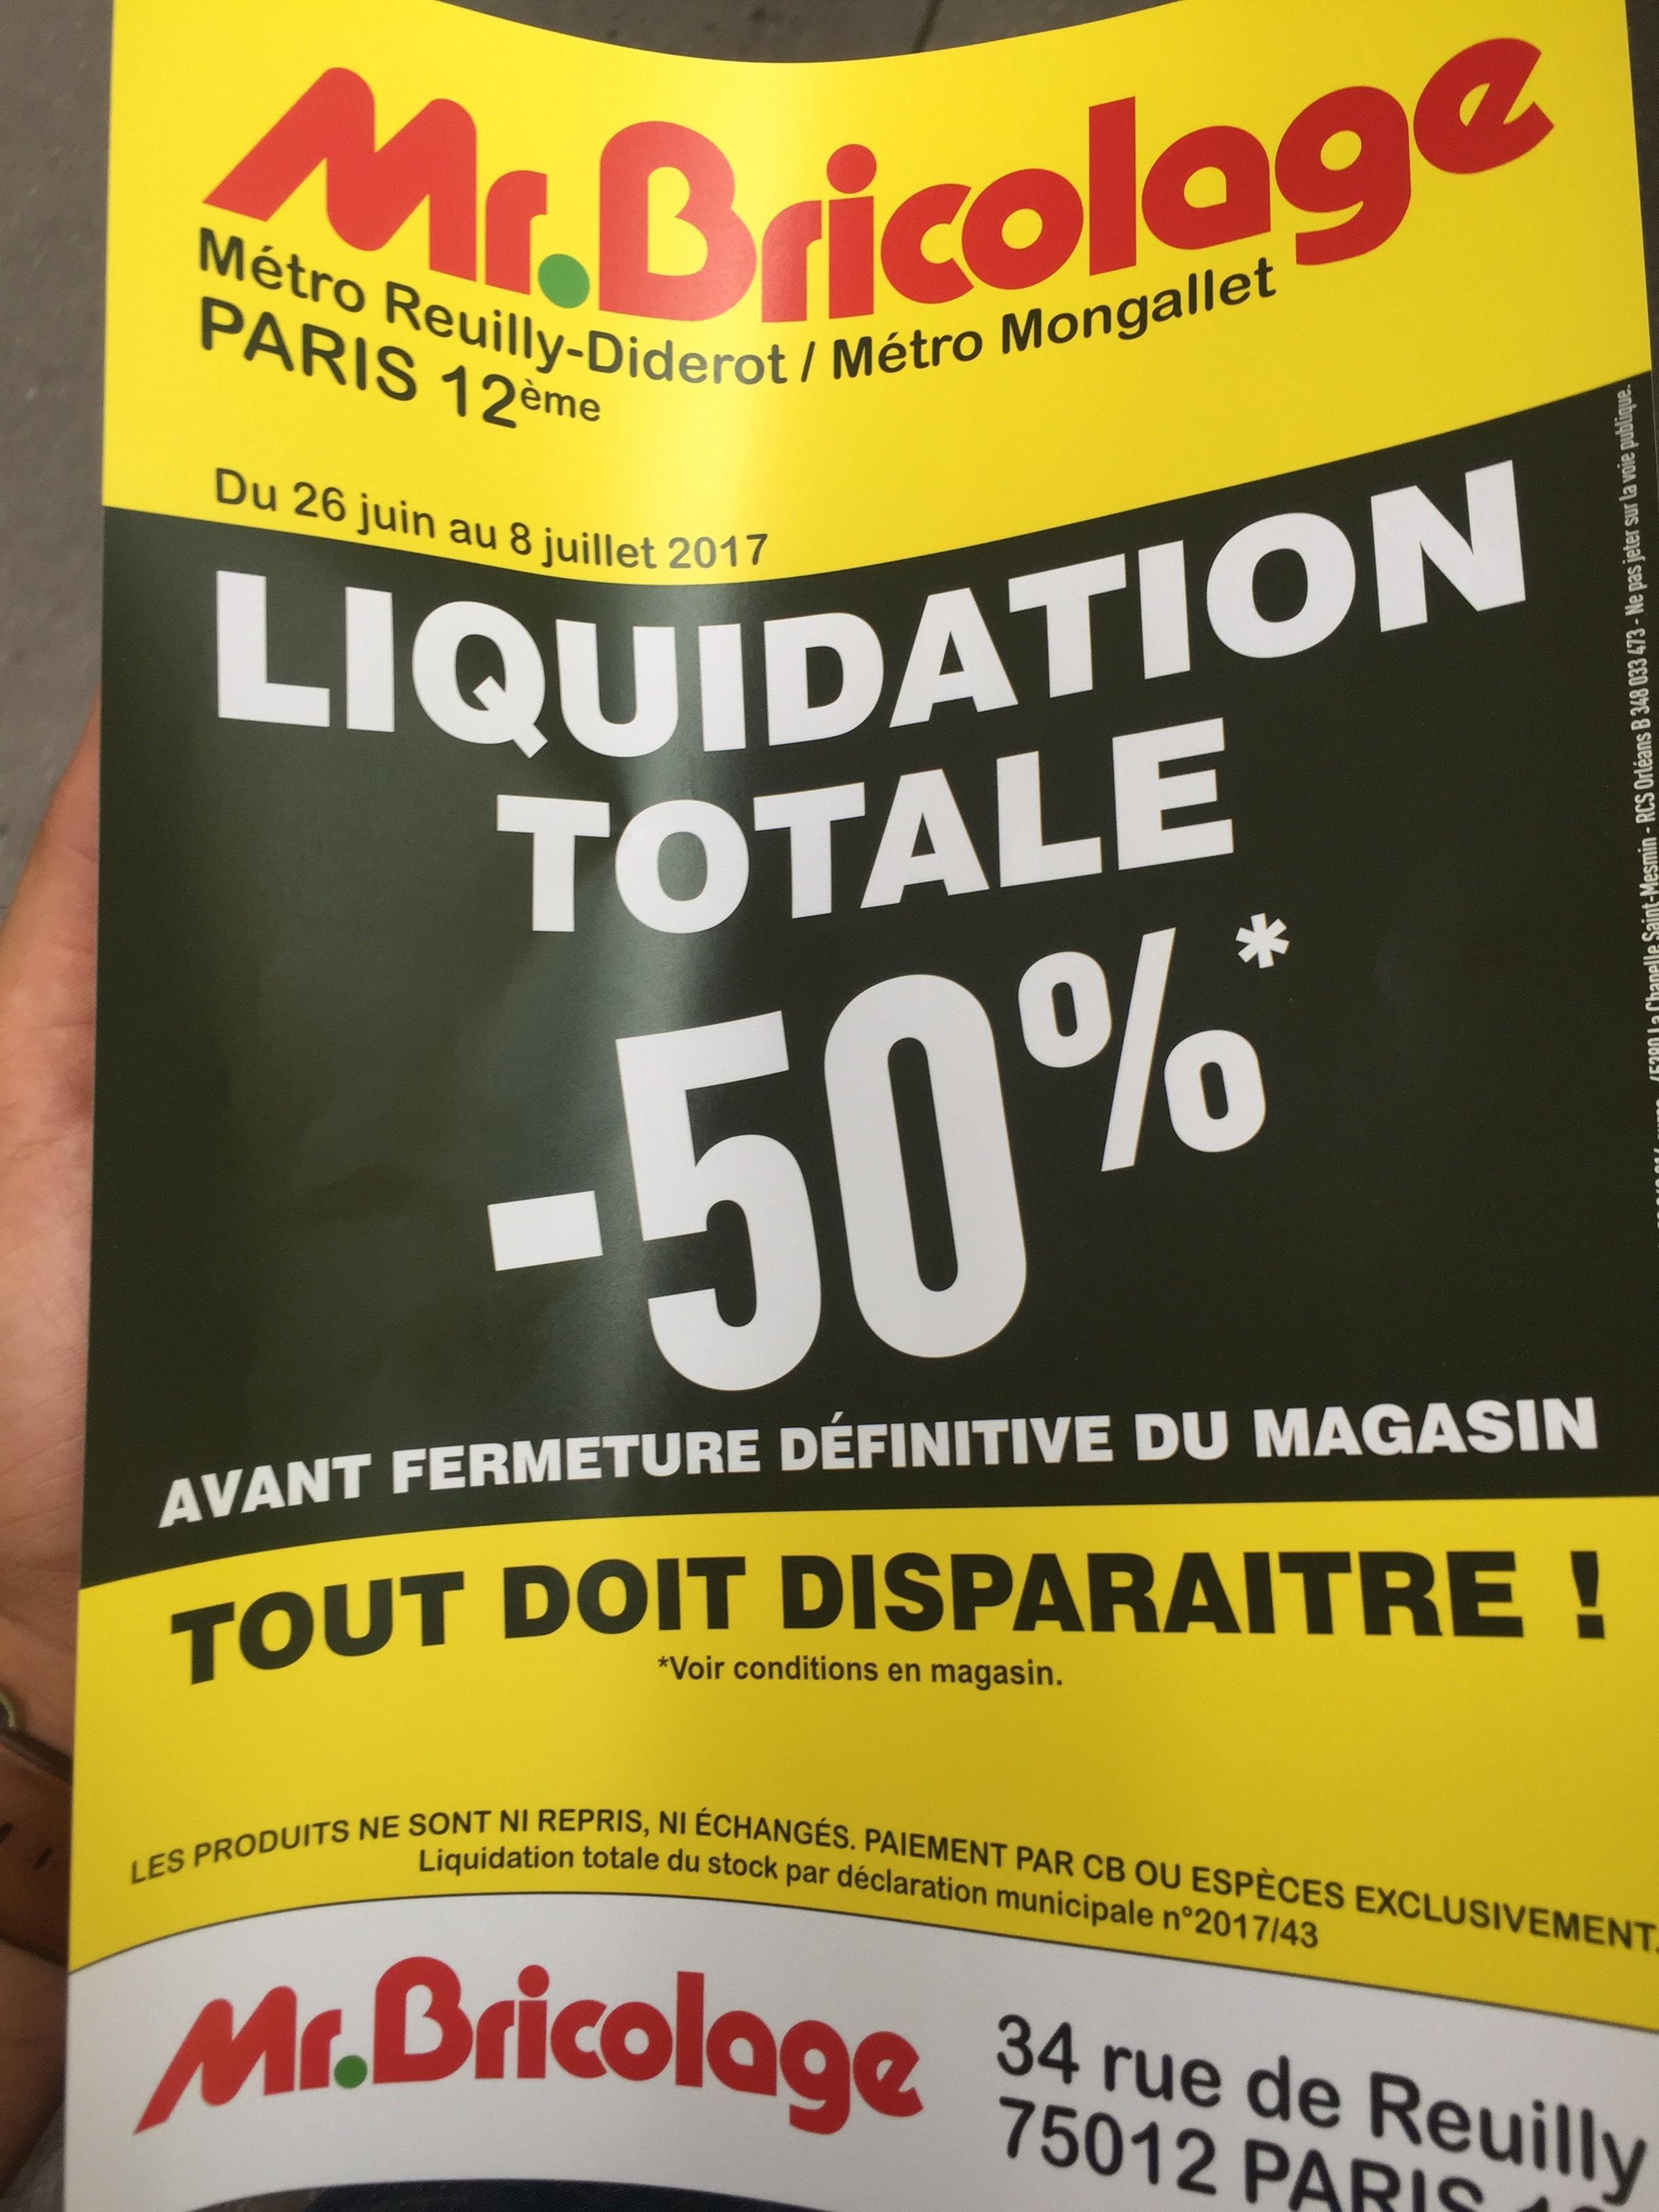 Liquidation totale : 50% de réduction sur tout